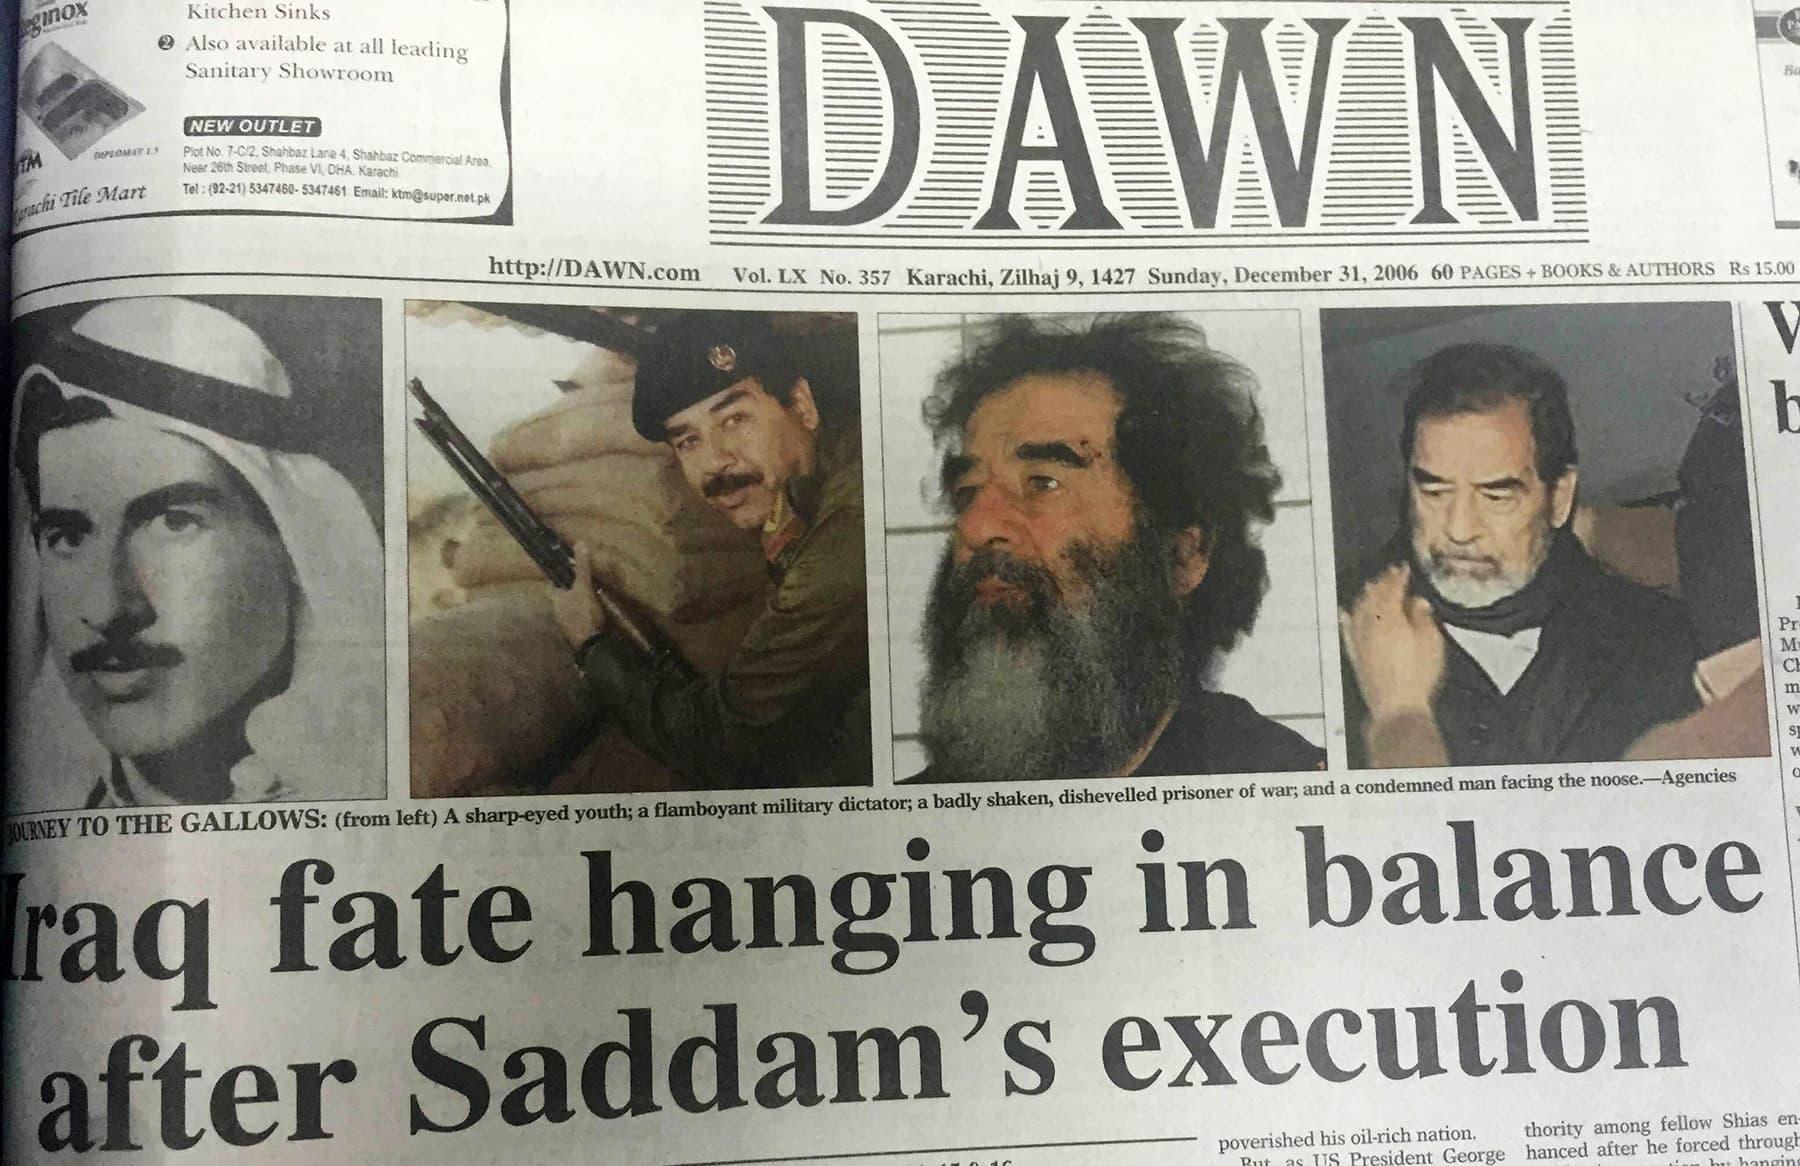 31 دسمبر 2006 کو ڈان اخبار کا صفحہ اول صدام حسین کی پھانسی کی خبر دیتے ہوئے۔ — فوٹو ڈان